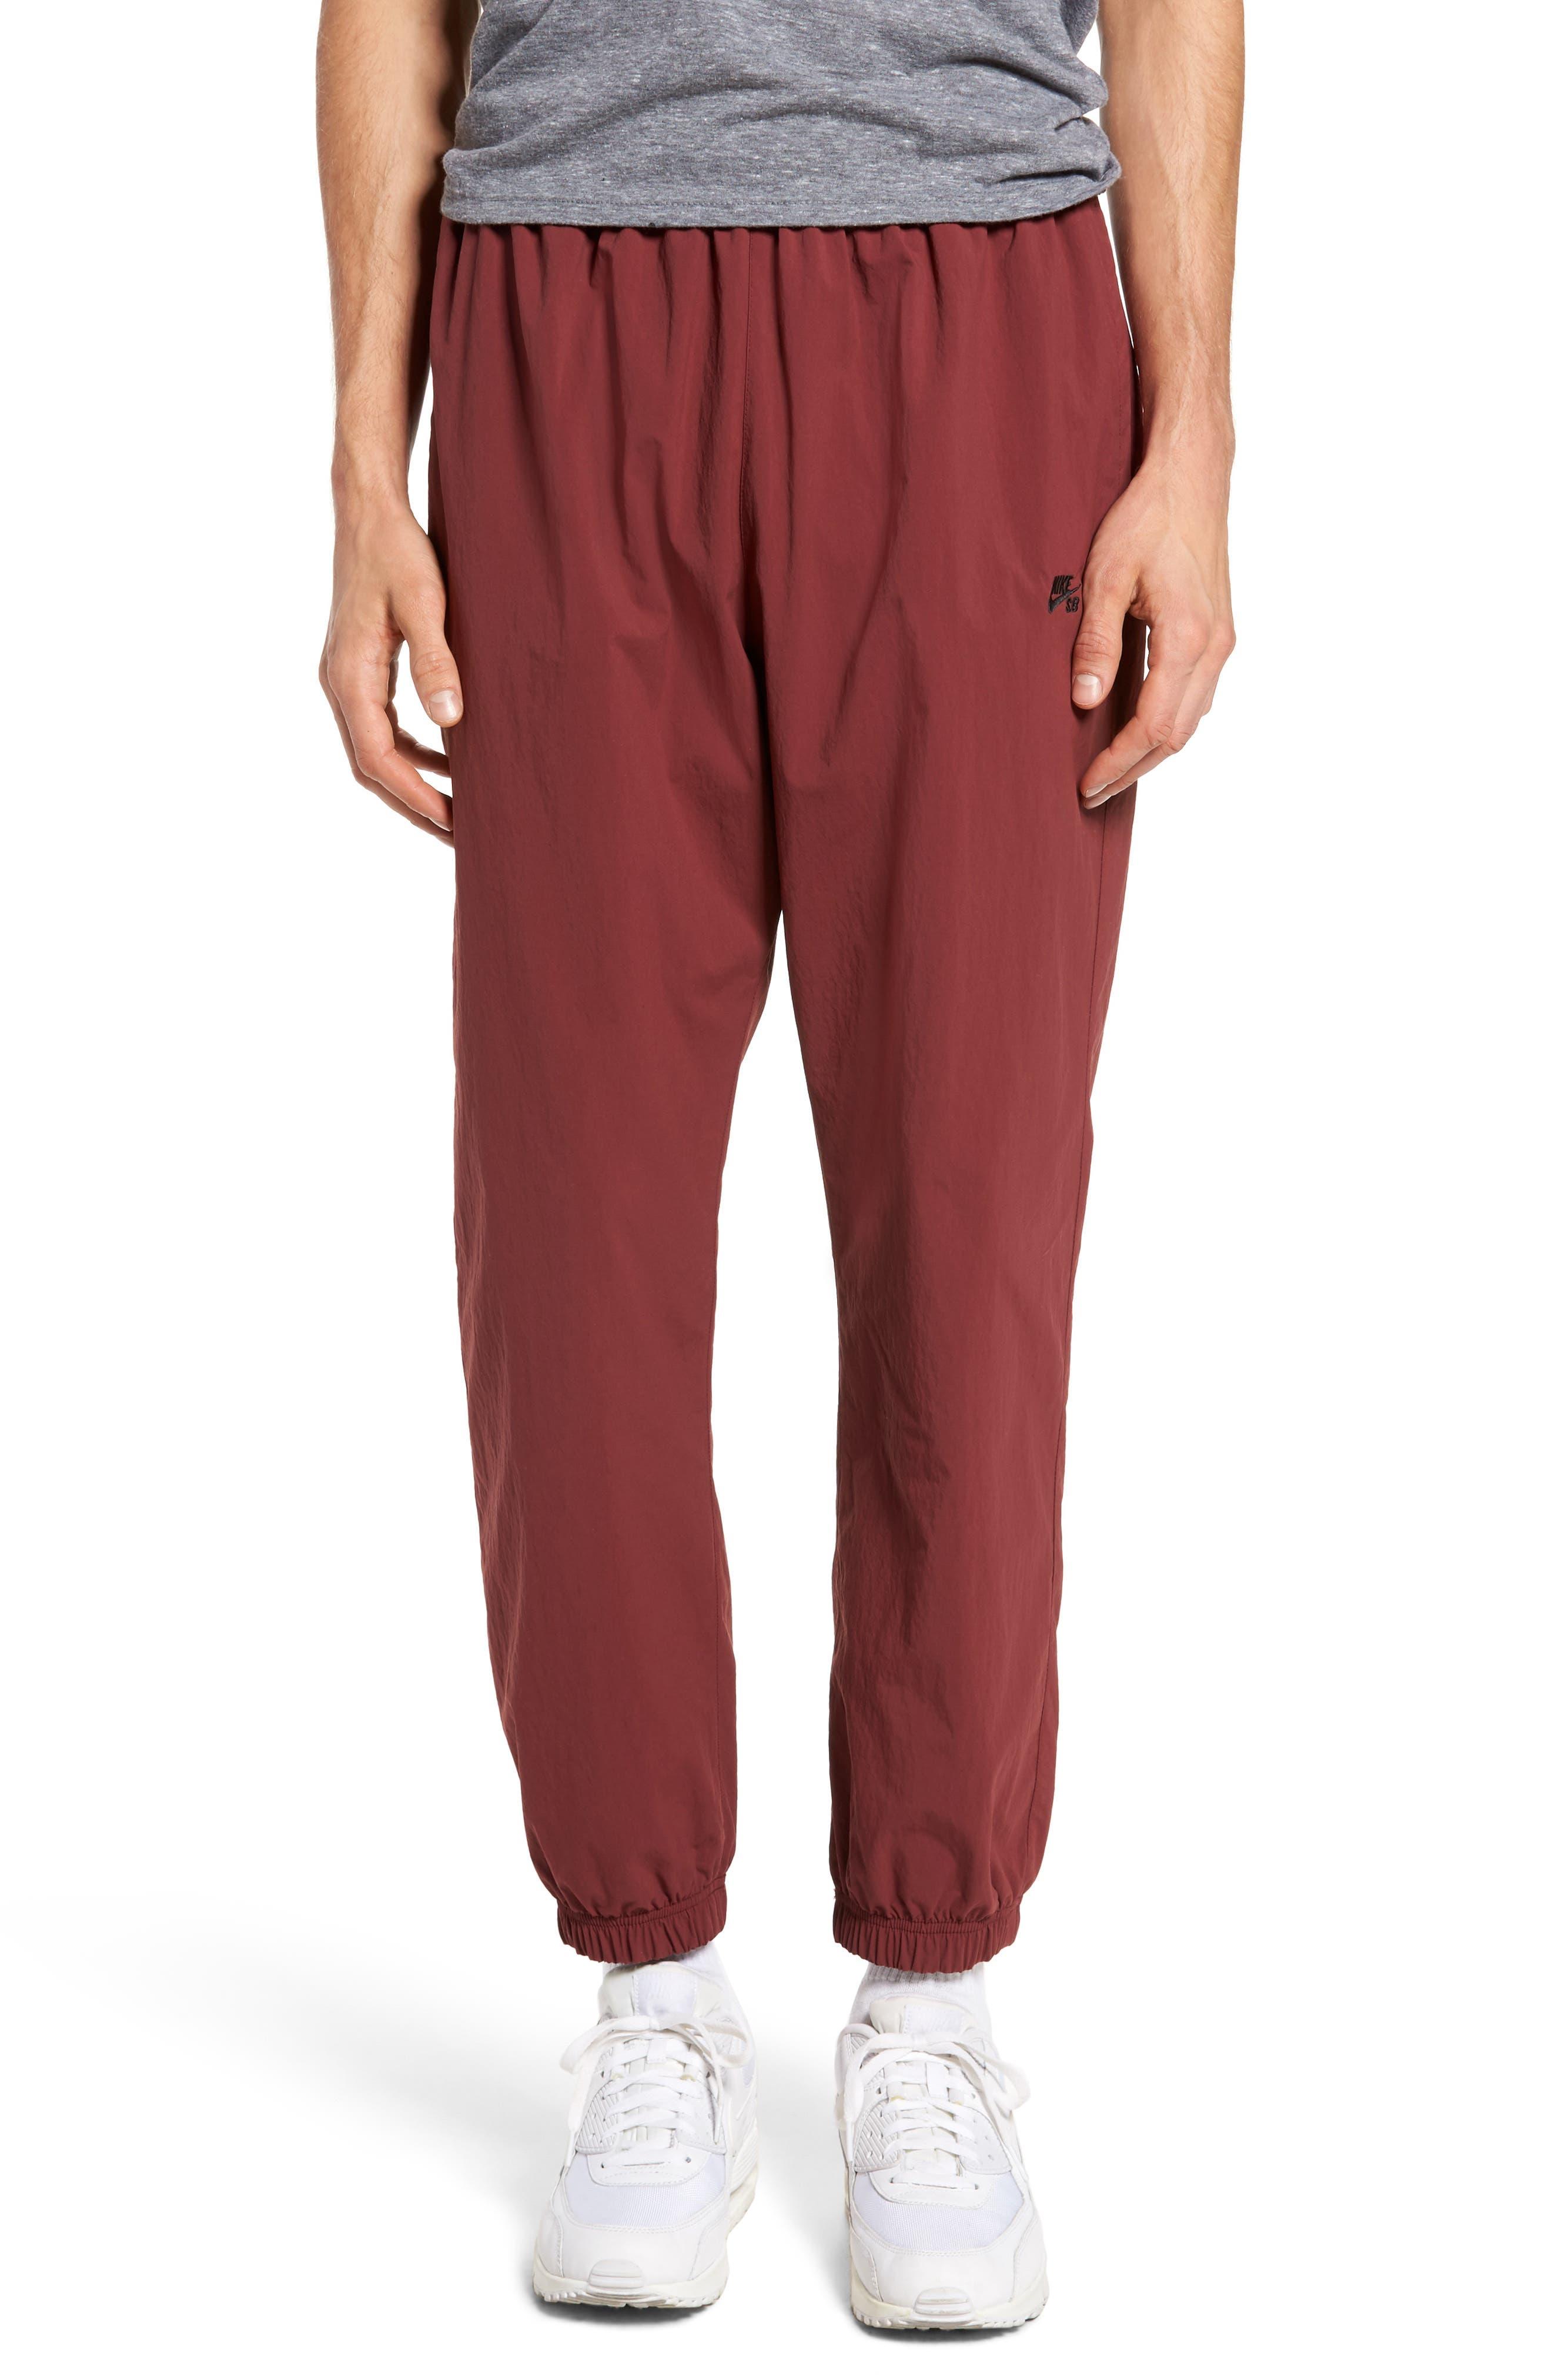 Main Image - Nike SB Flex Woven Pants